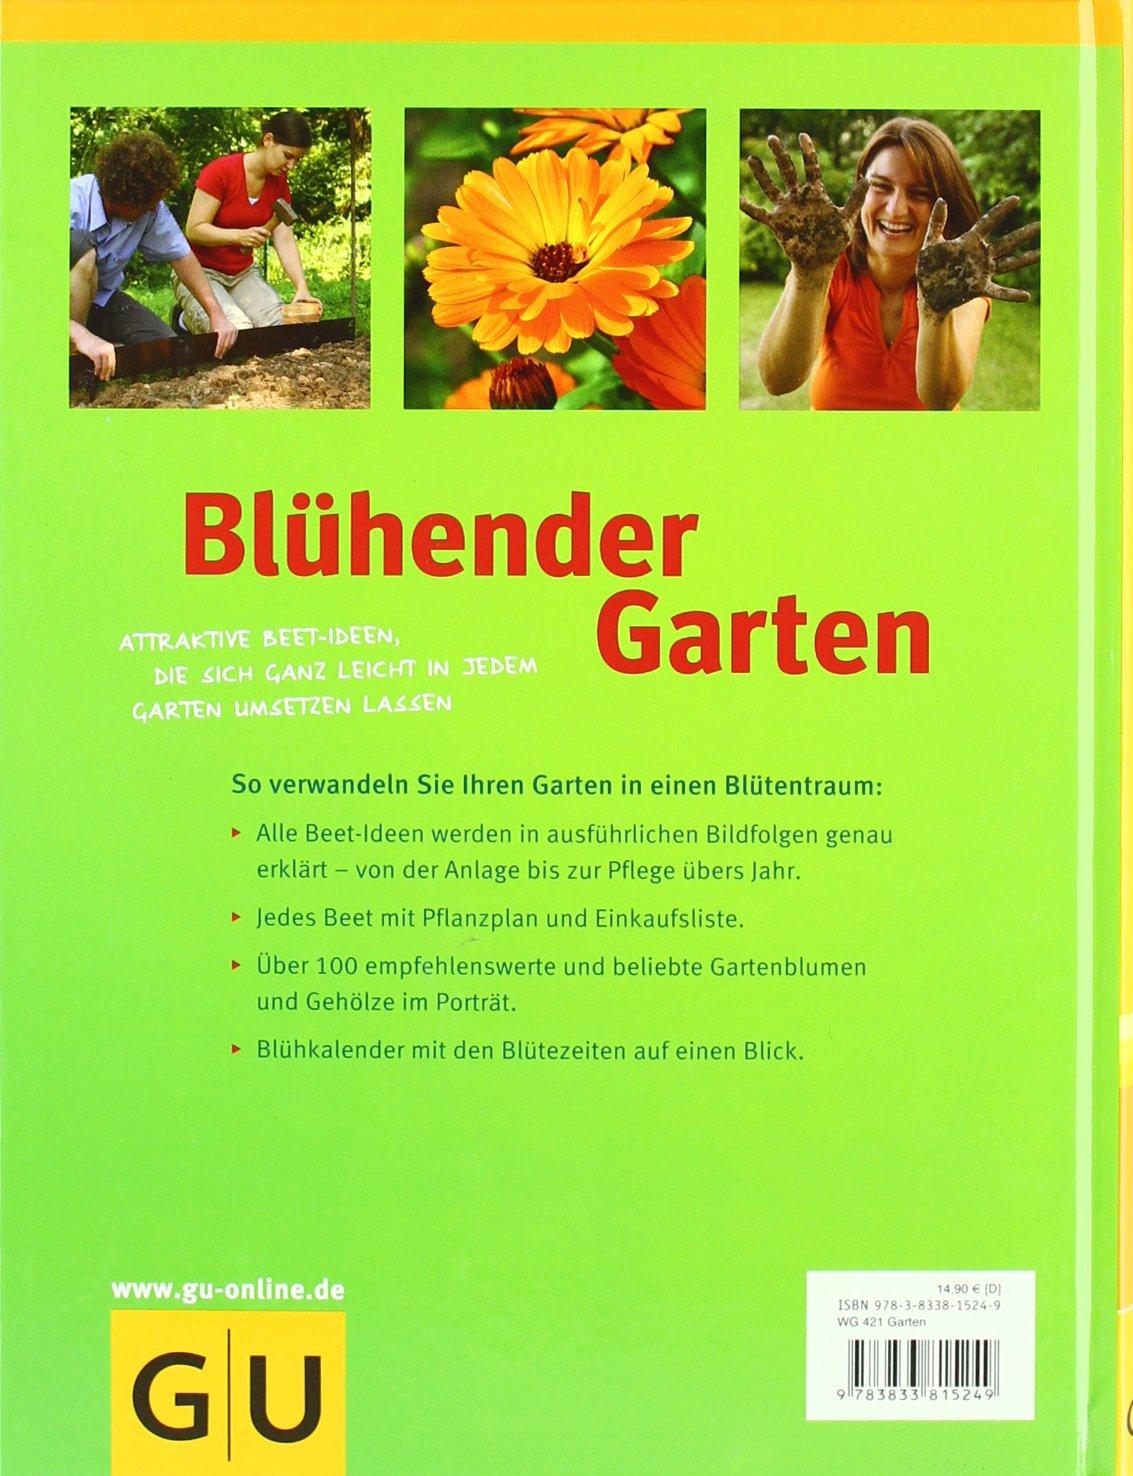 Blühender Garten: Über 15 einfache Beet-Ideen zum Nachmachen GU ...